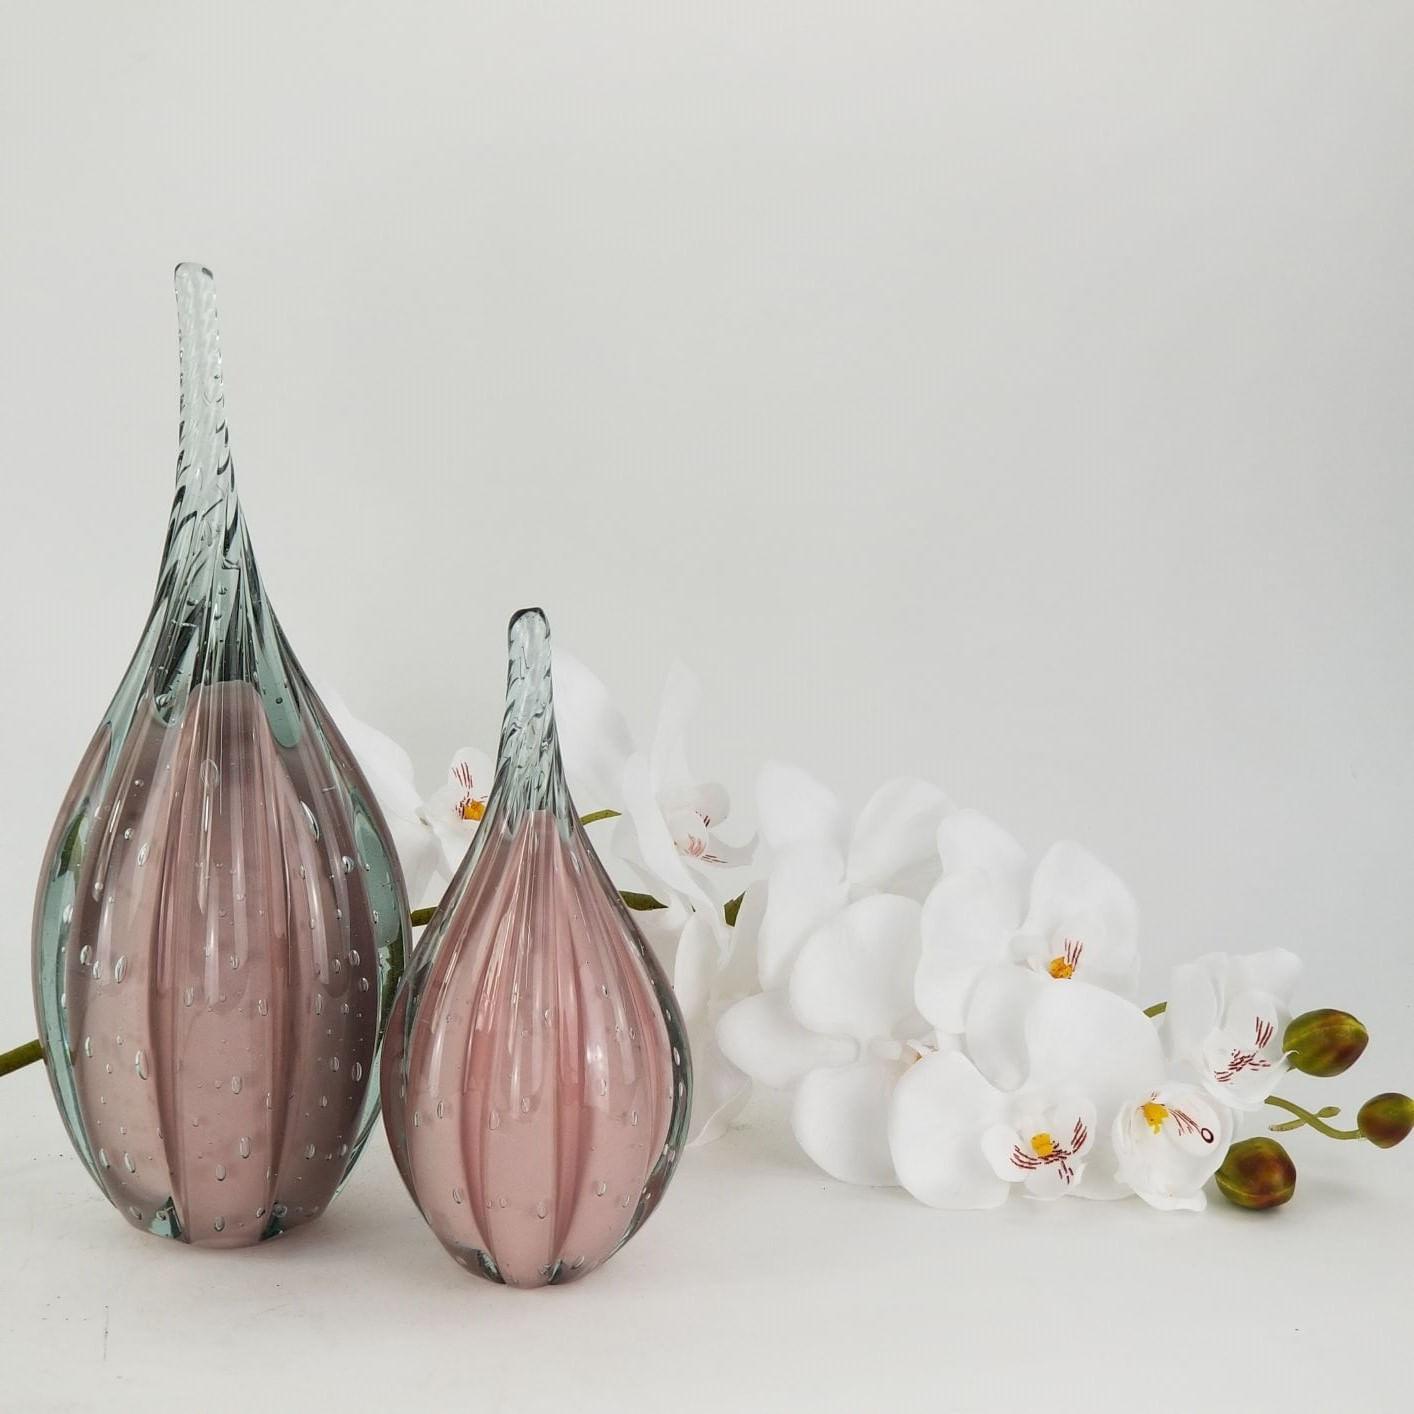 Gota de Vidro Torcido Tipo Murano JR Glass - Rosa Grande